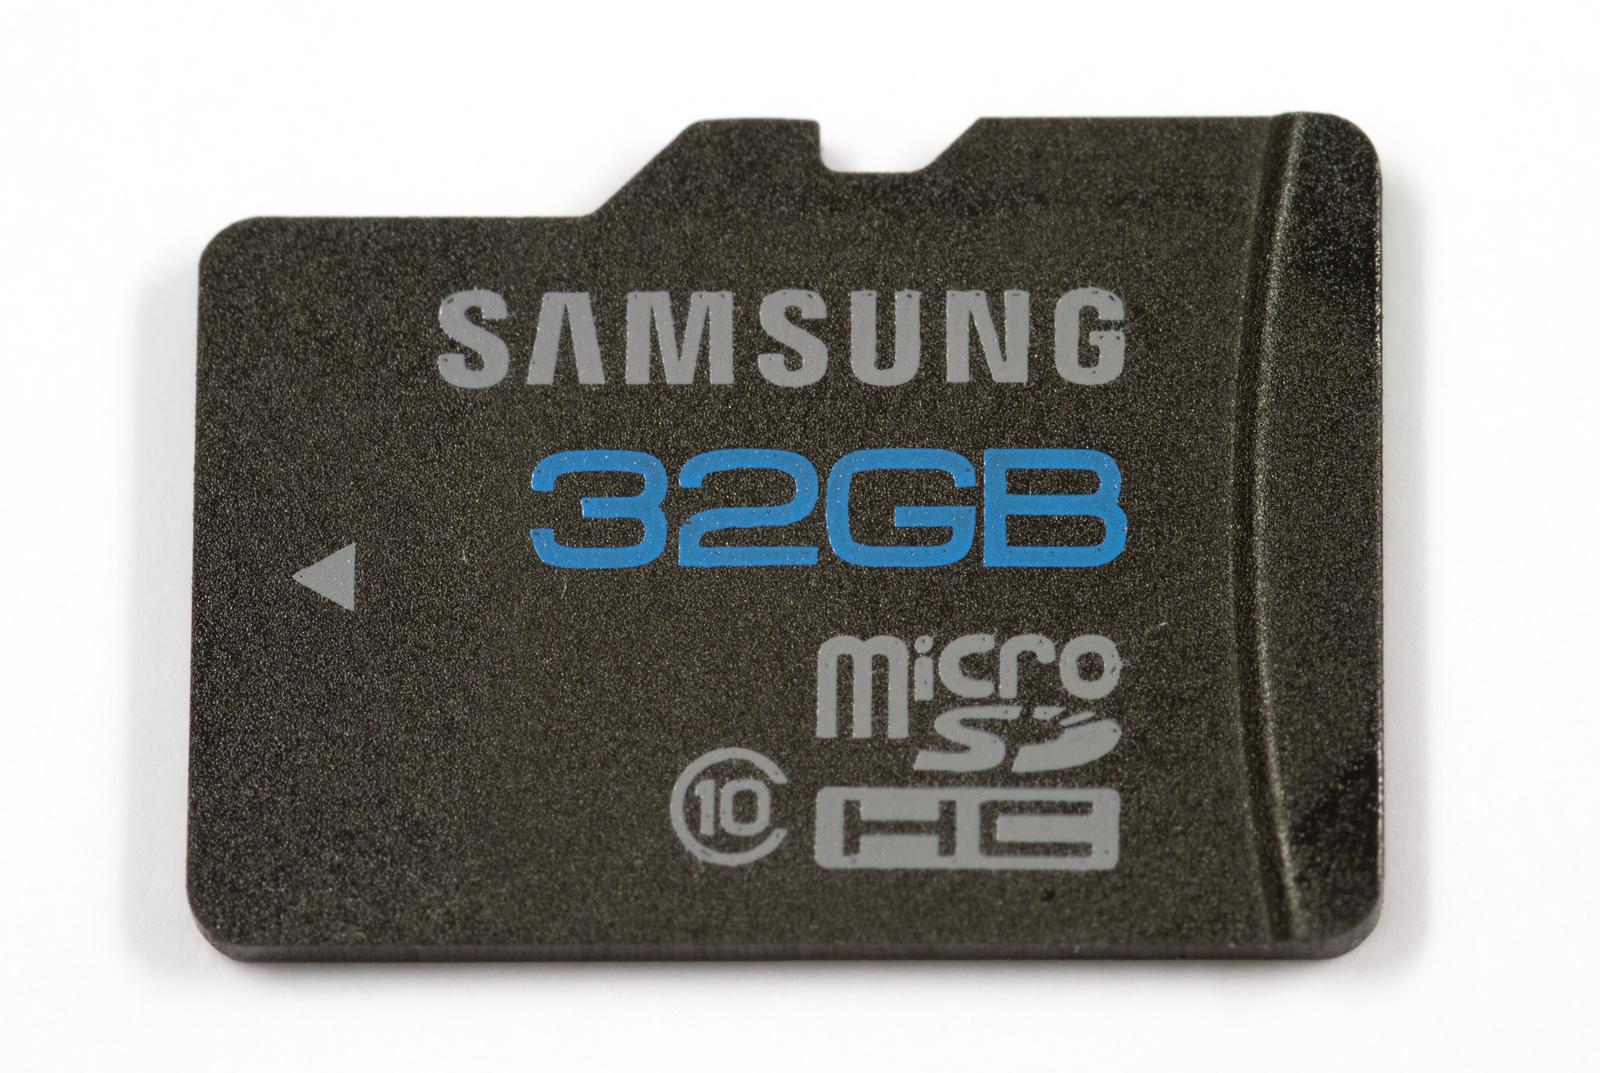 055908062c9 microSD - Wikipedia, la enciclopedia libre